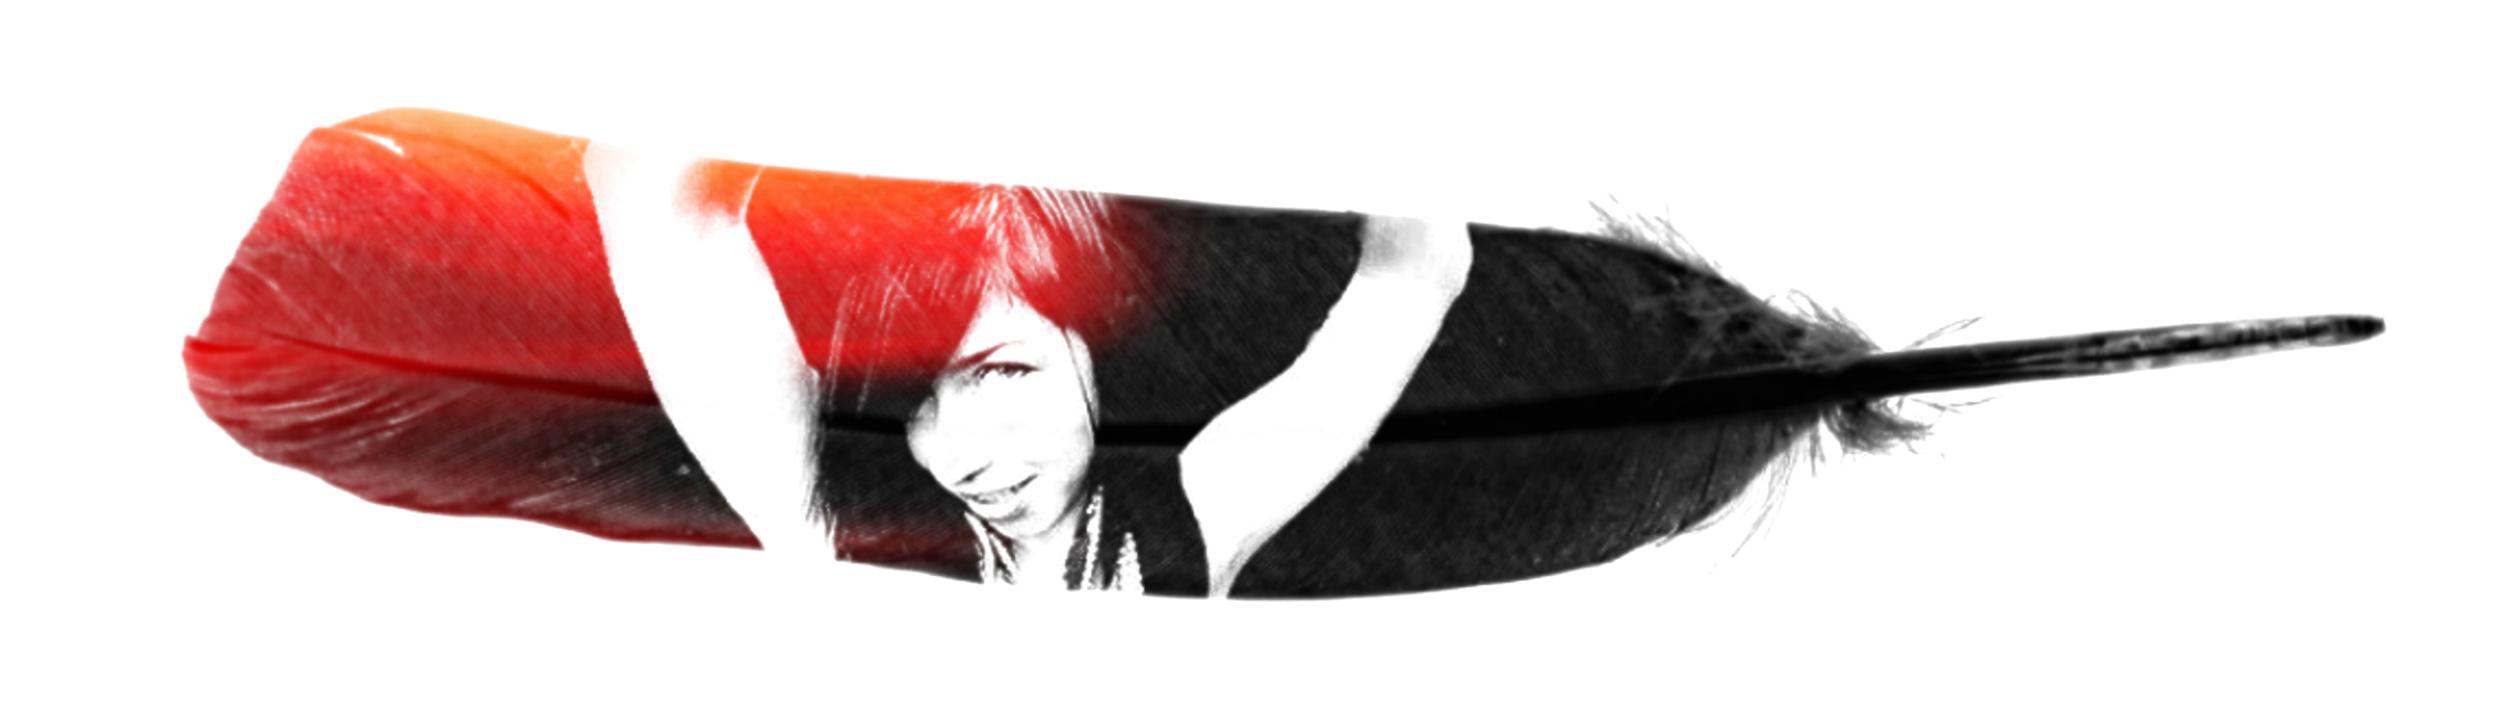 MAMA CROW Feather.jpg